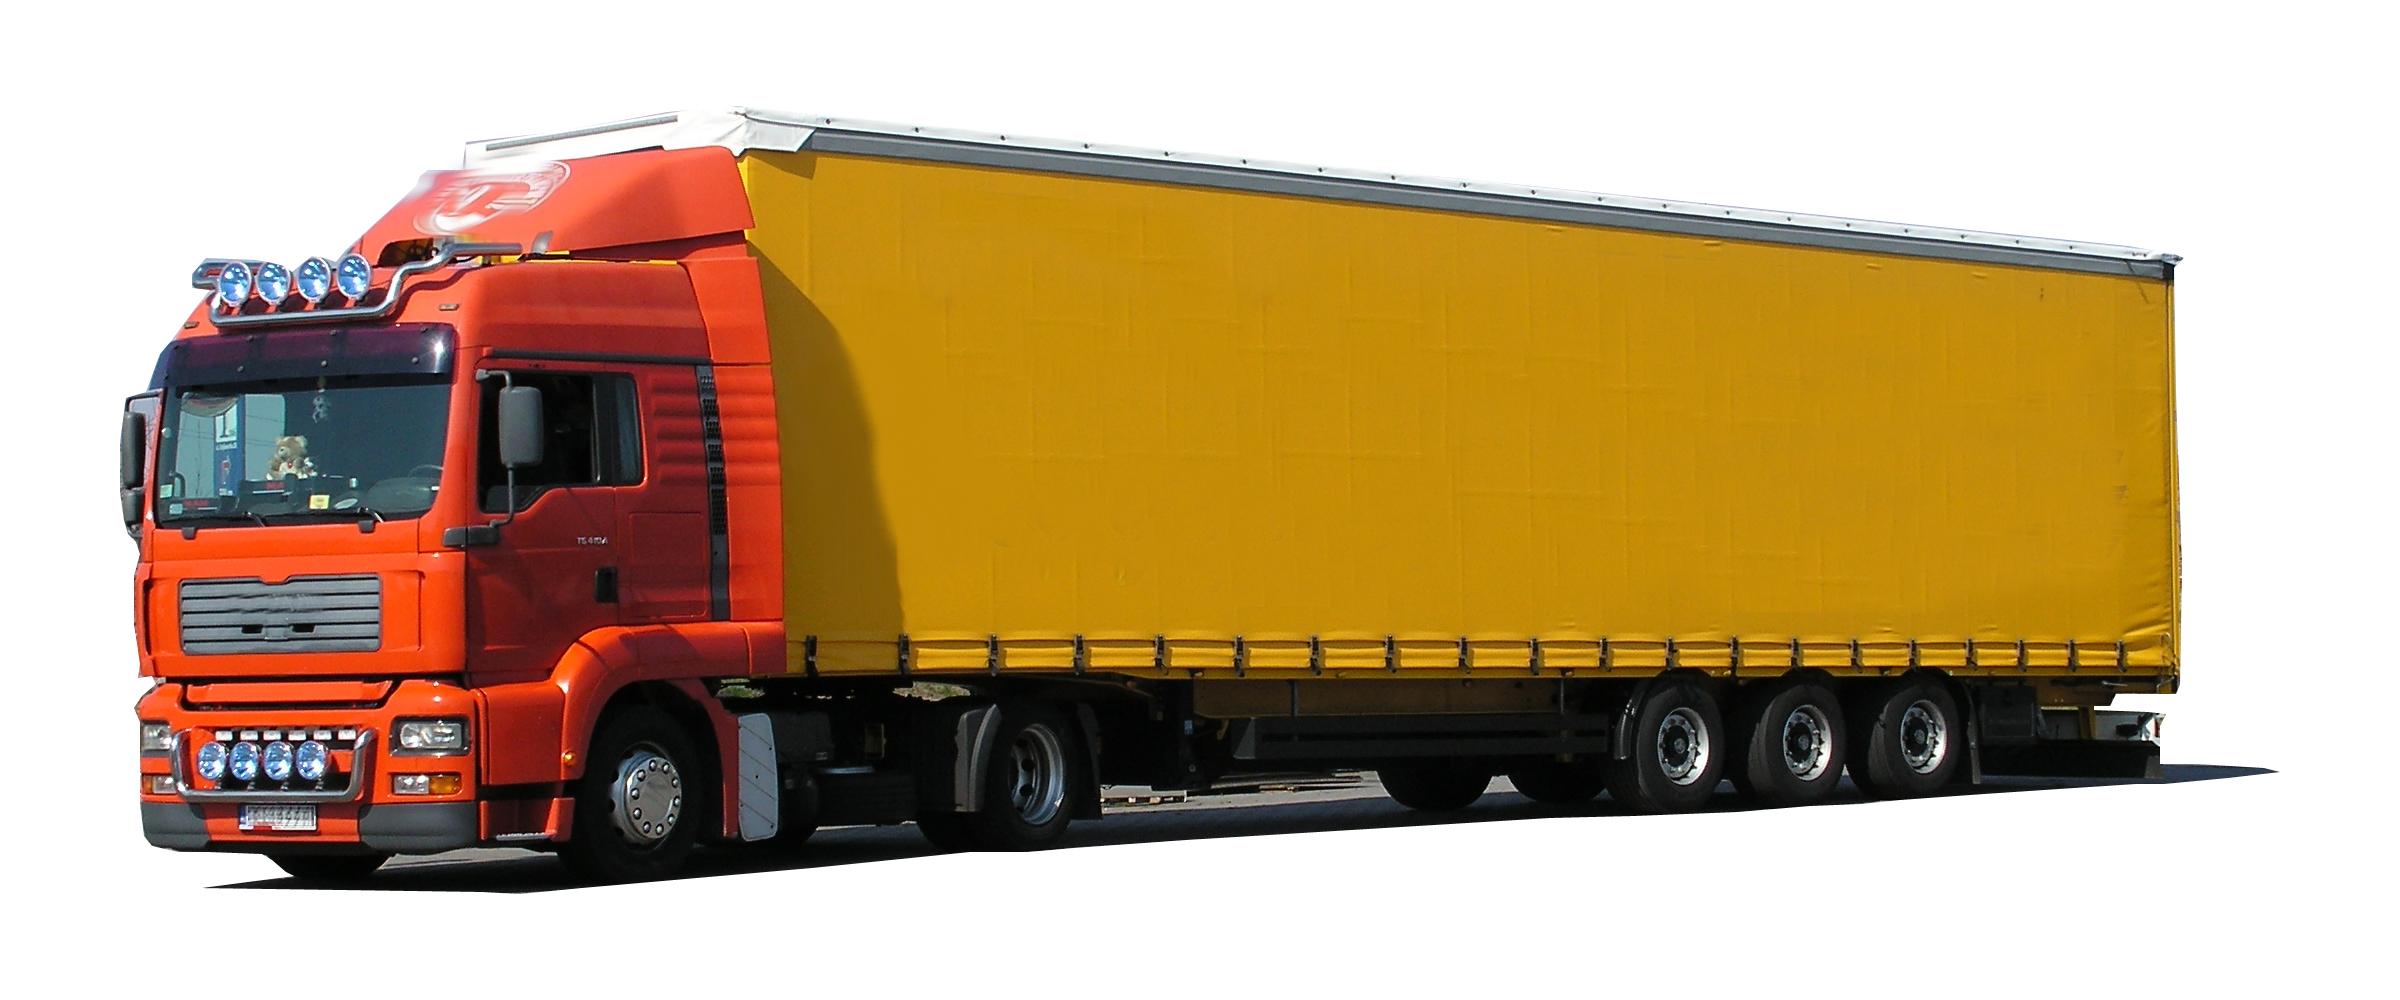 transport w logistyce